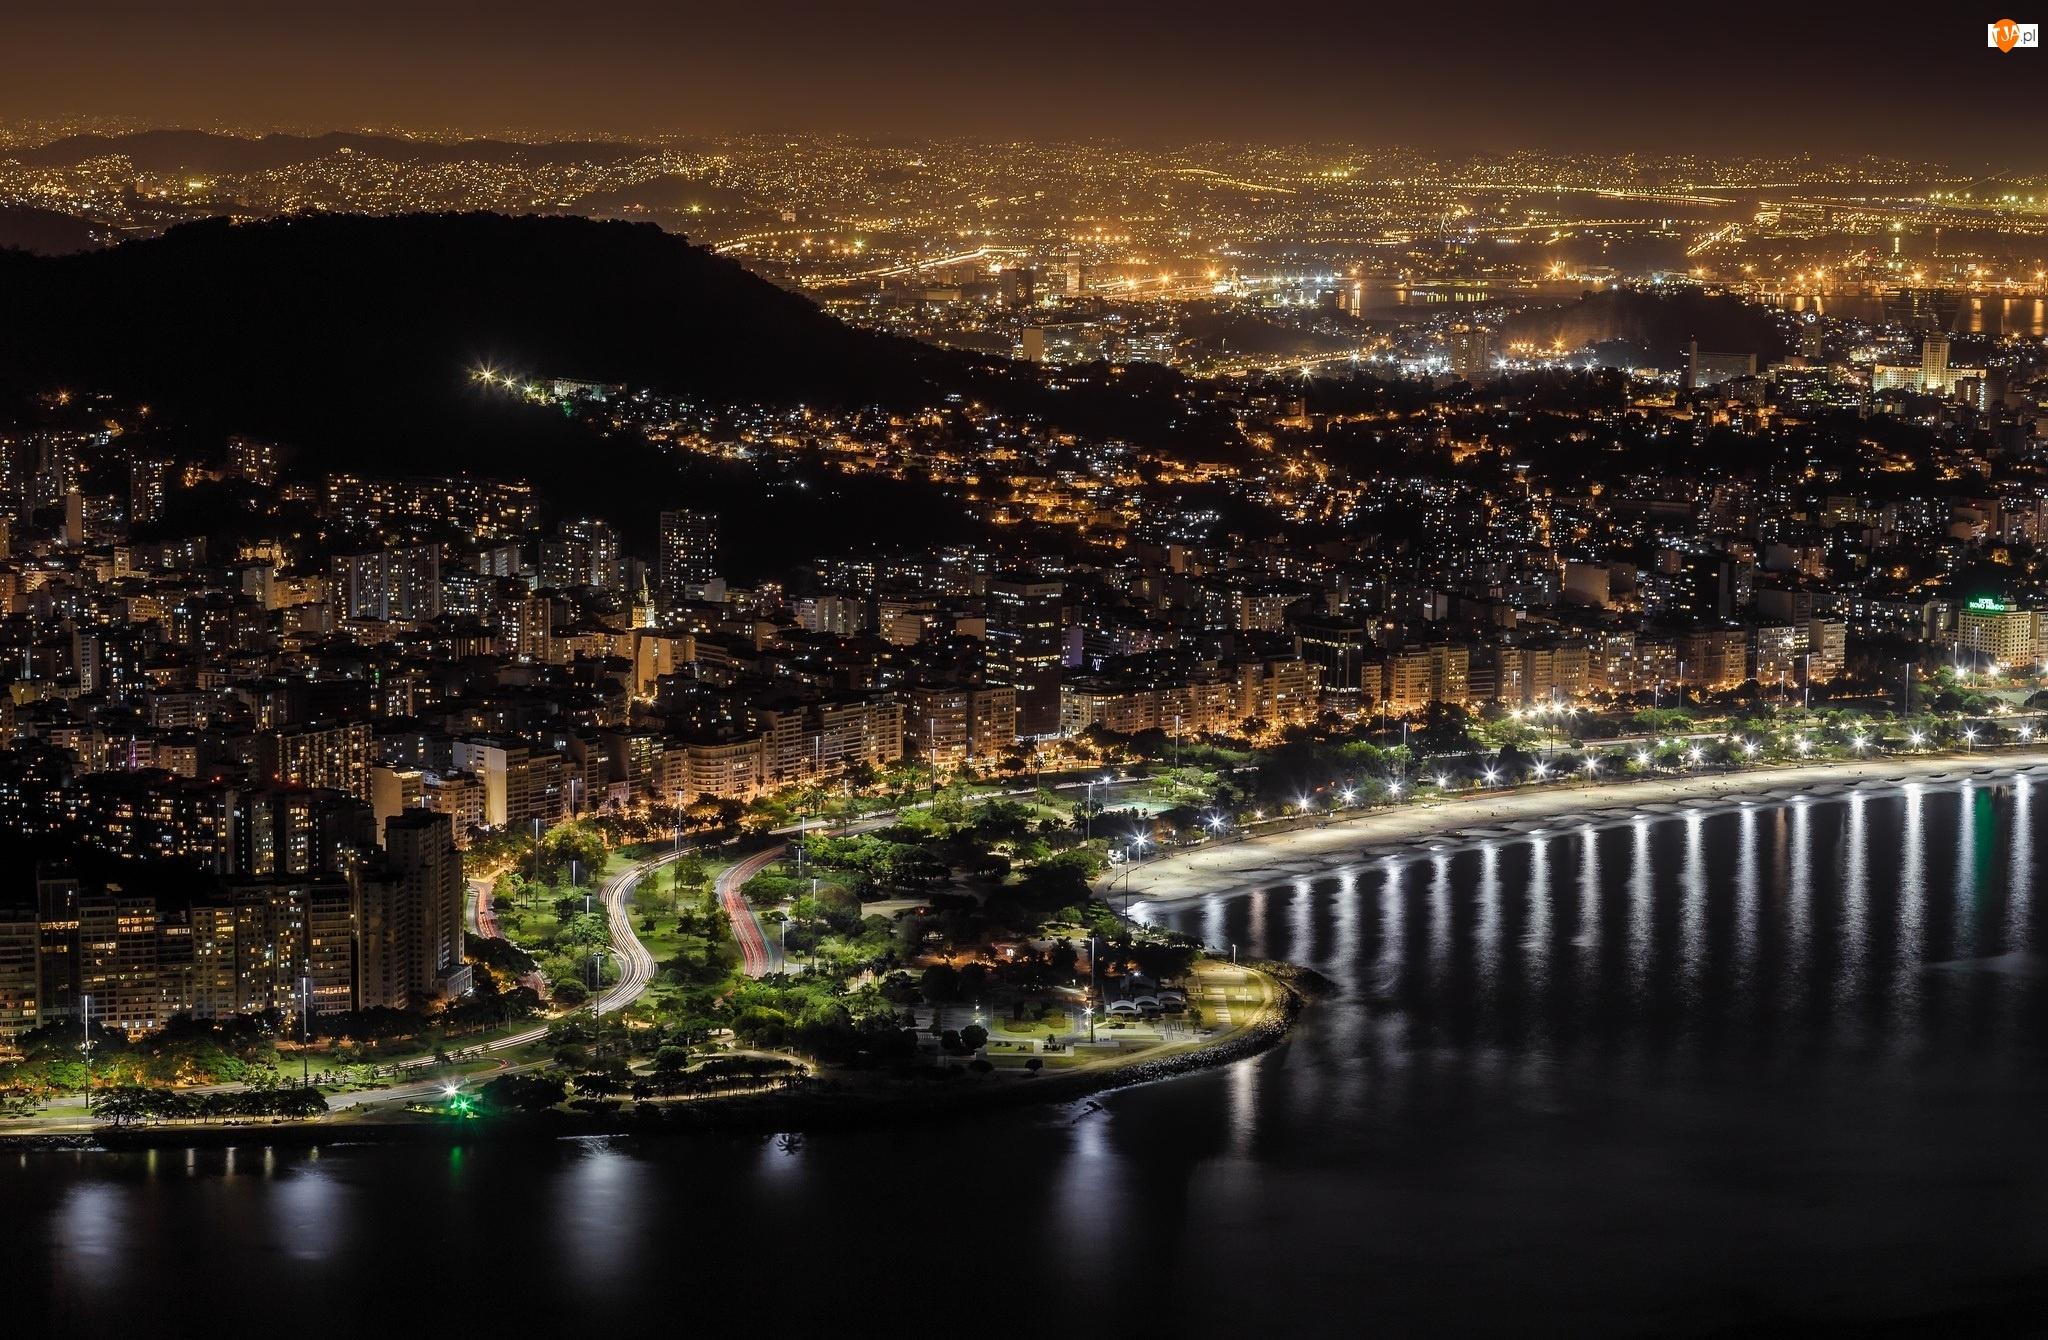 Miasto nocą, Brazylia, Rio de Janerio